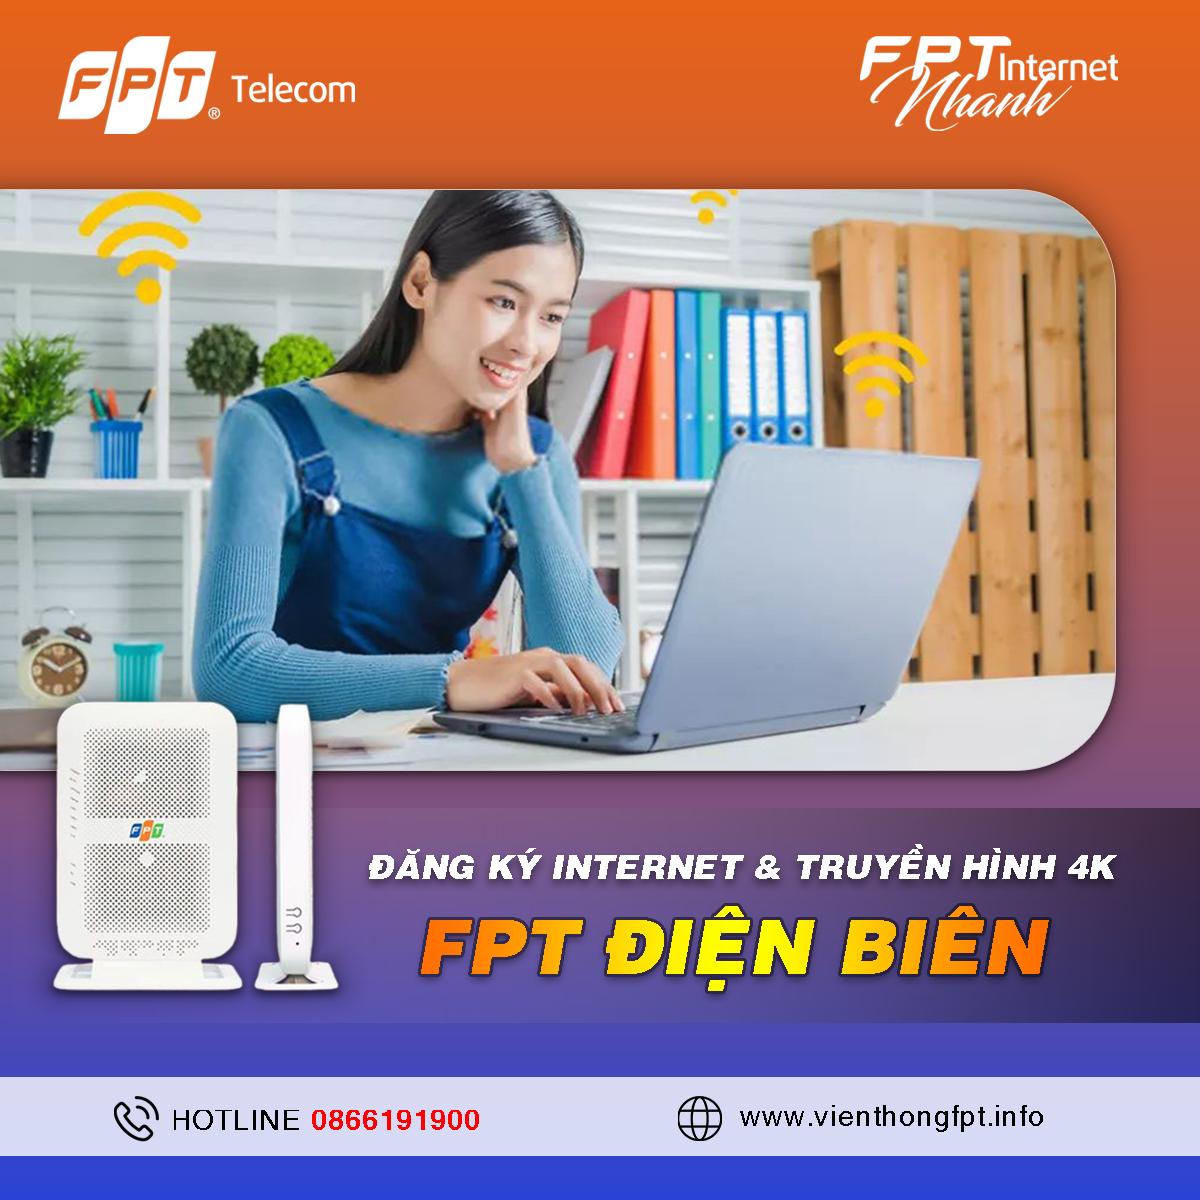 Tổng đài Đăng ký Internet FPT Điện Biên